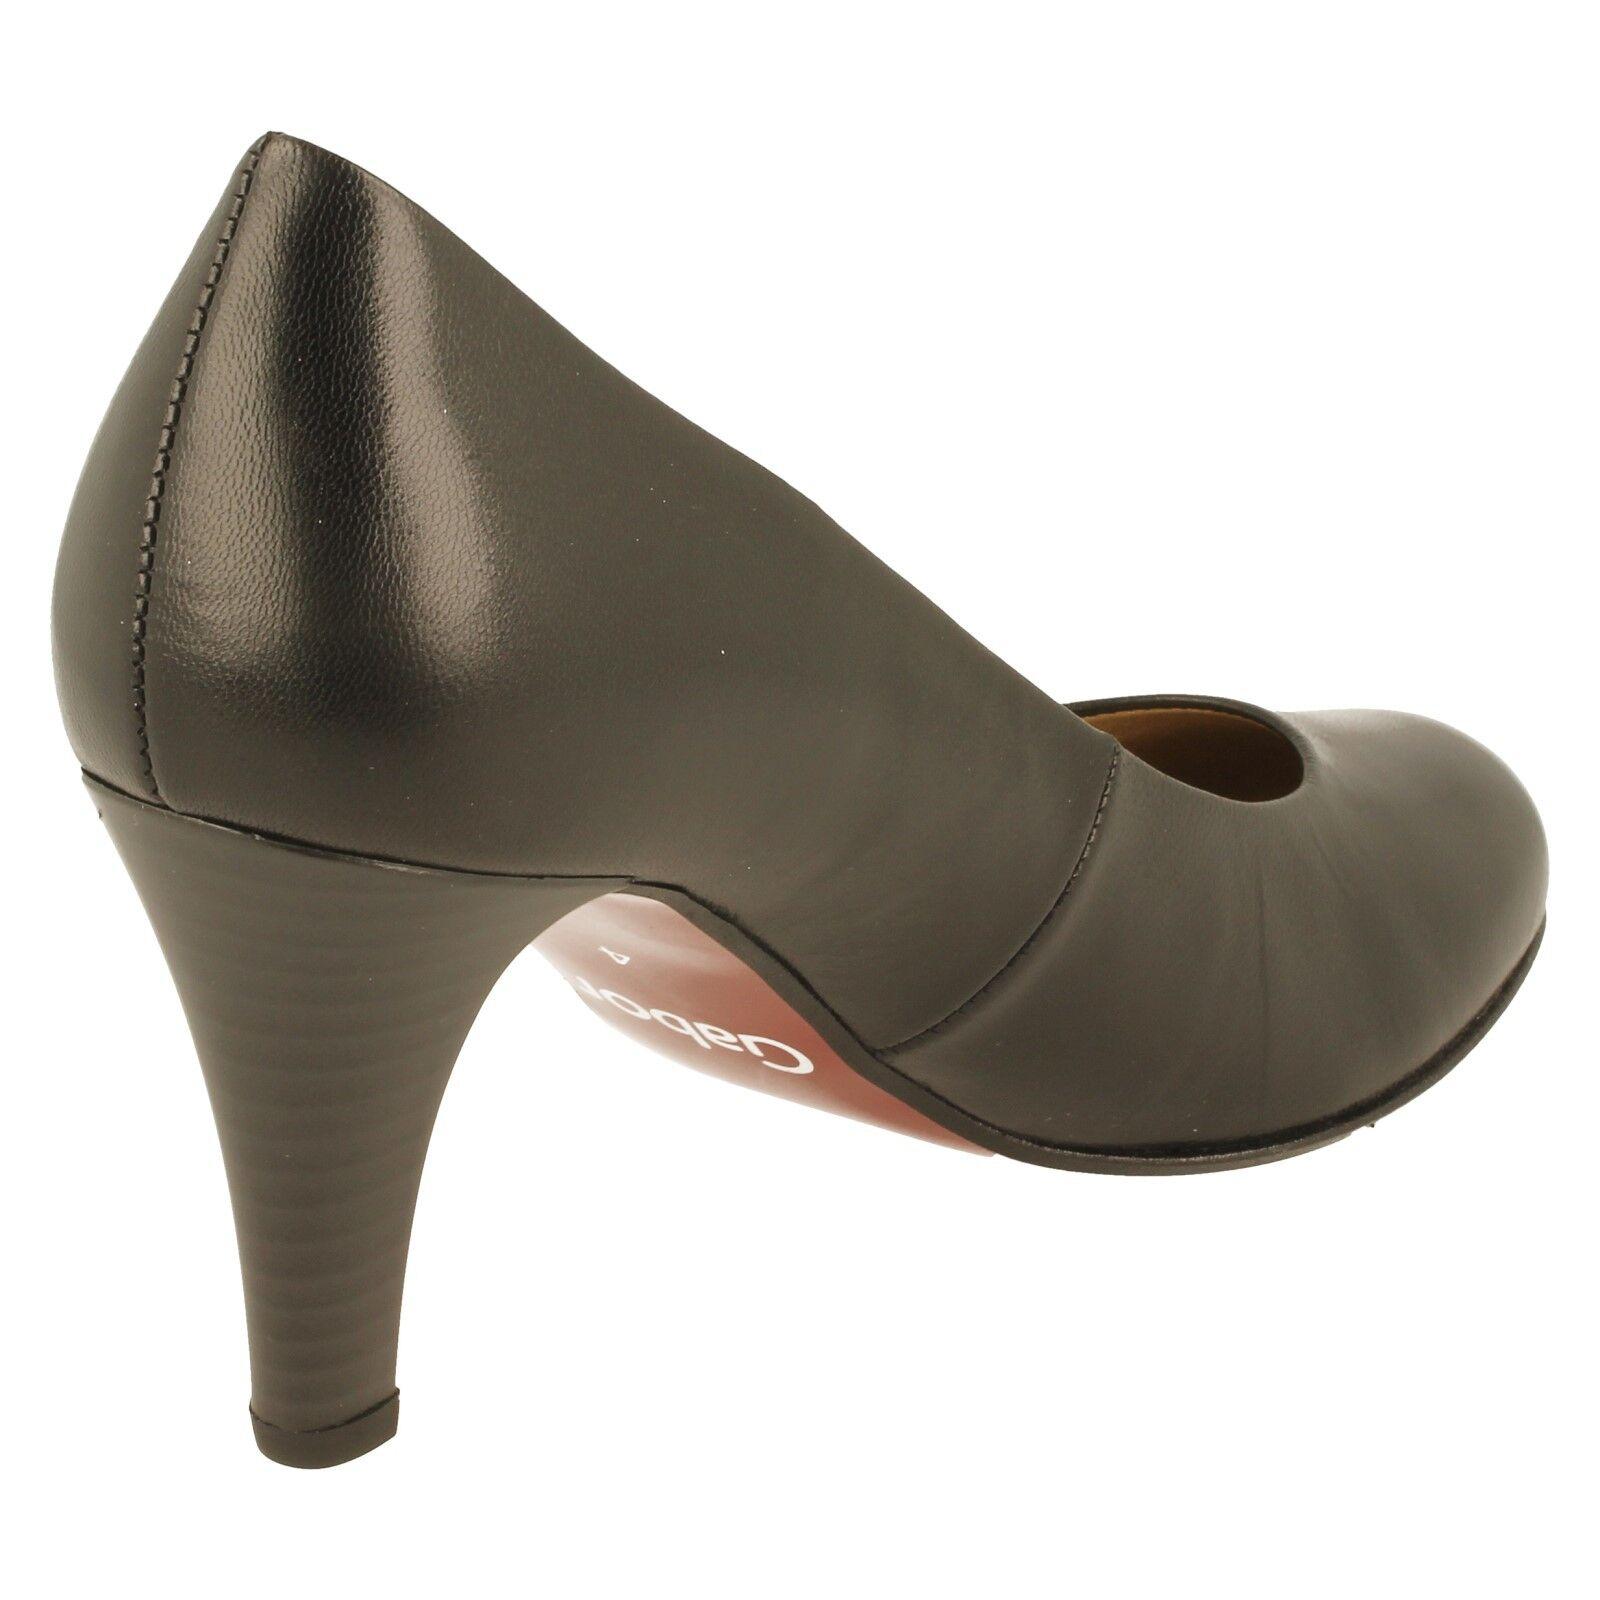 Gabor Ladies Ladies Ladies Court shoes 05.210.37(lavender)Colour Black 8fc9a3